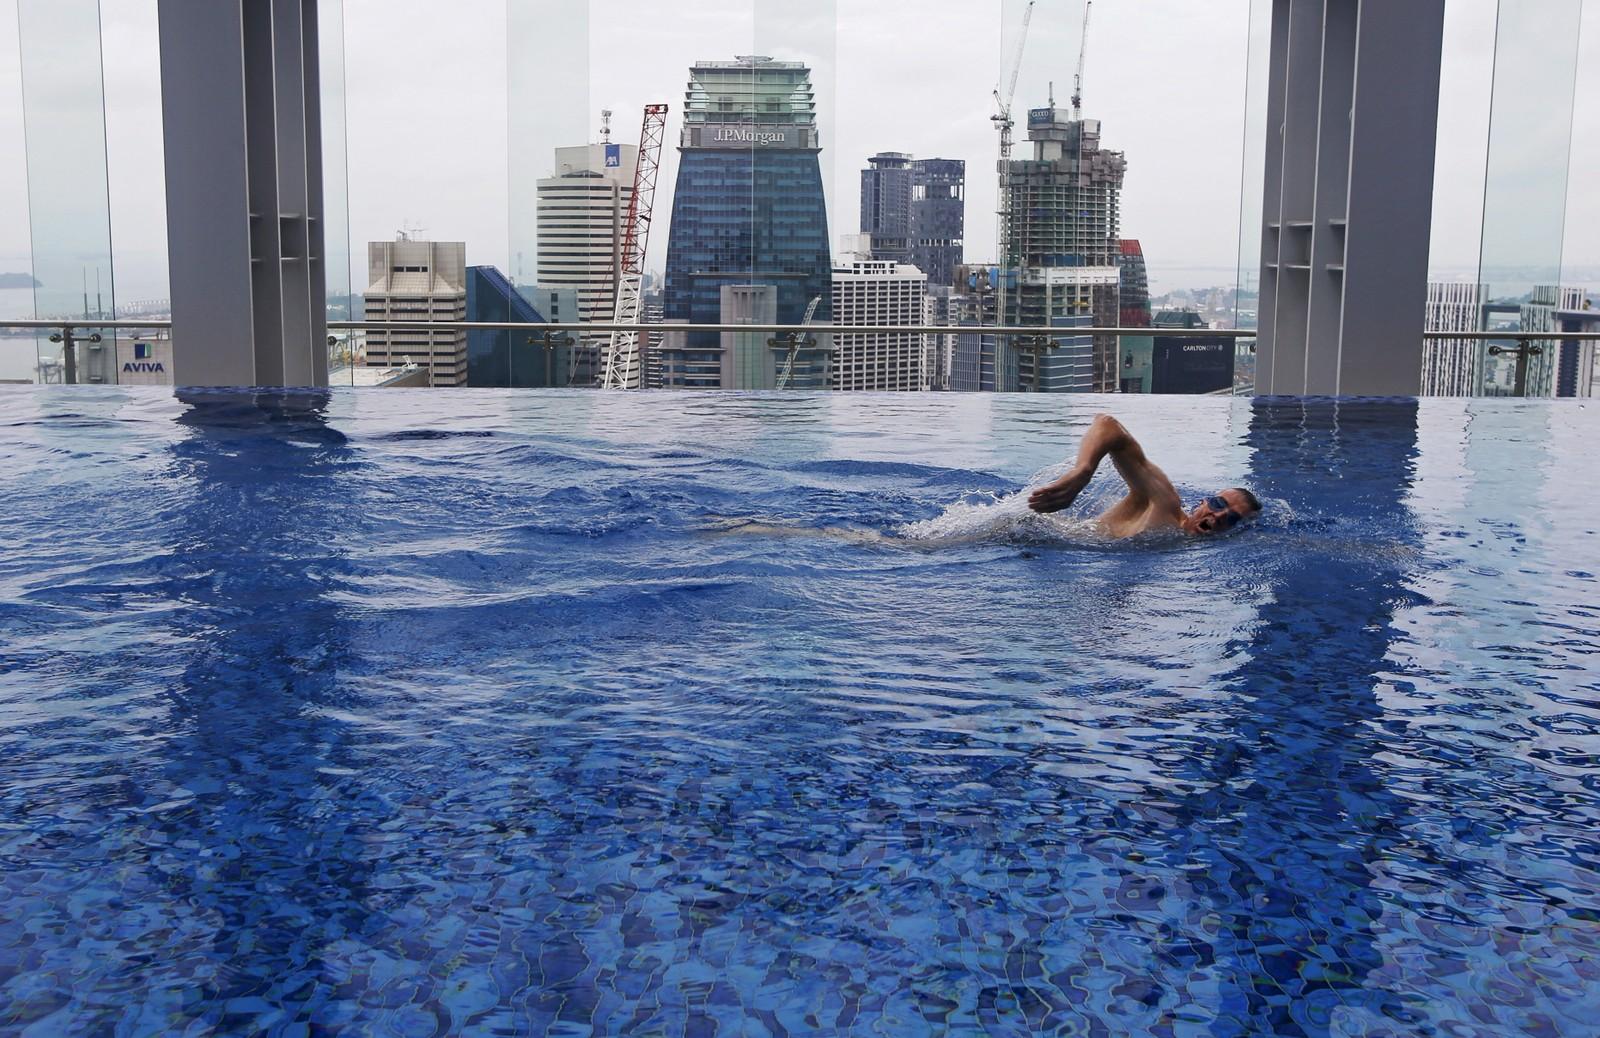 Et treningssenter med en prislapp på over 50 millioner kroner er ikke for hvermansen. Den britiske treningskjeden Fitness First henvender seg først og fremst til Singapores rikeste. Medlemsskap tilbys til 999 utvalgte personer per invitasjon.